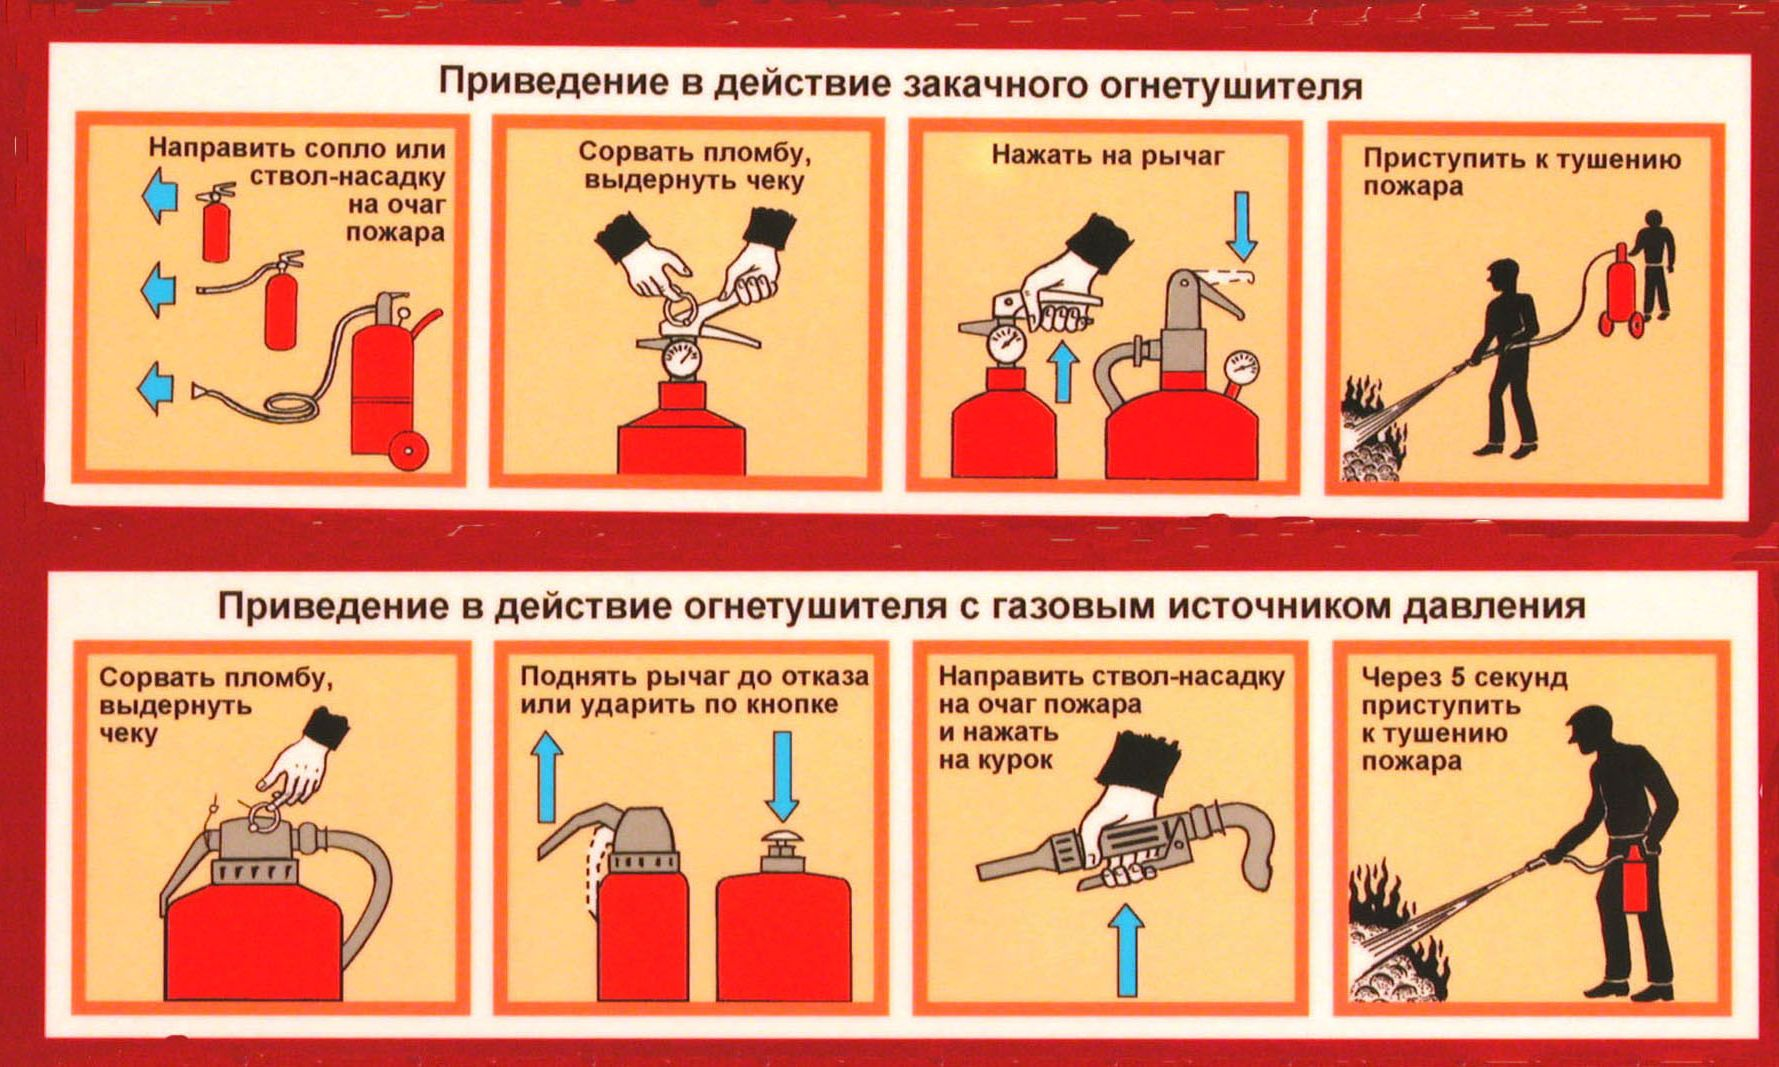 Принцип тушения порошковым огнетушителем